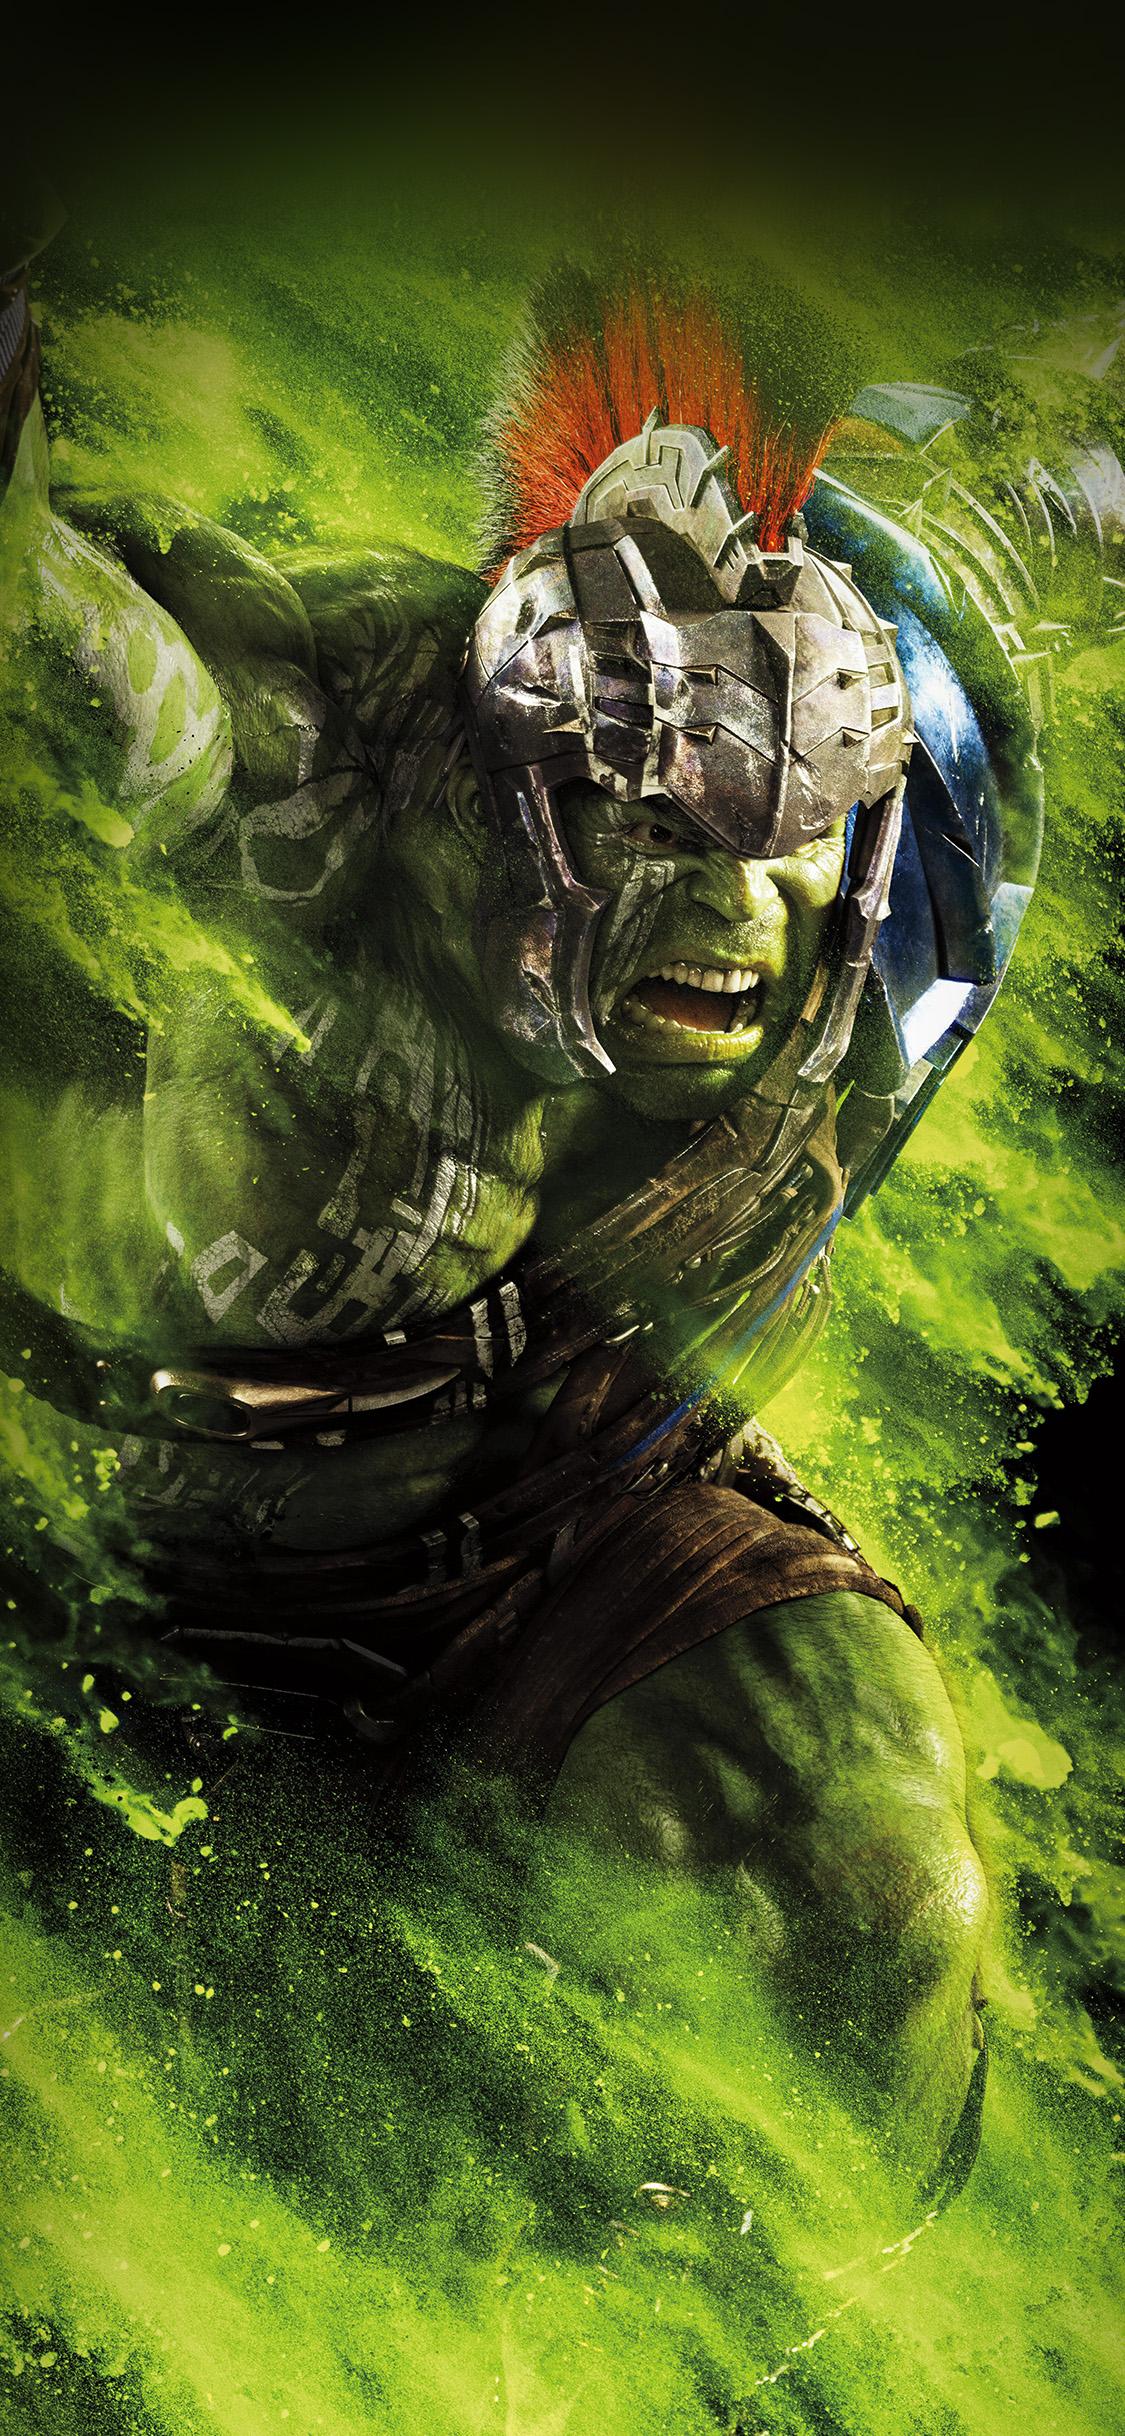 Broken Car Pictures Wallpaper Be57 Hulk Ragnarok Red Film Marvel Hero Art Illustration